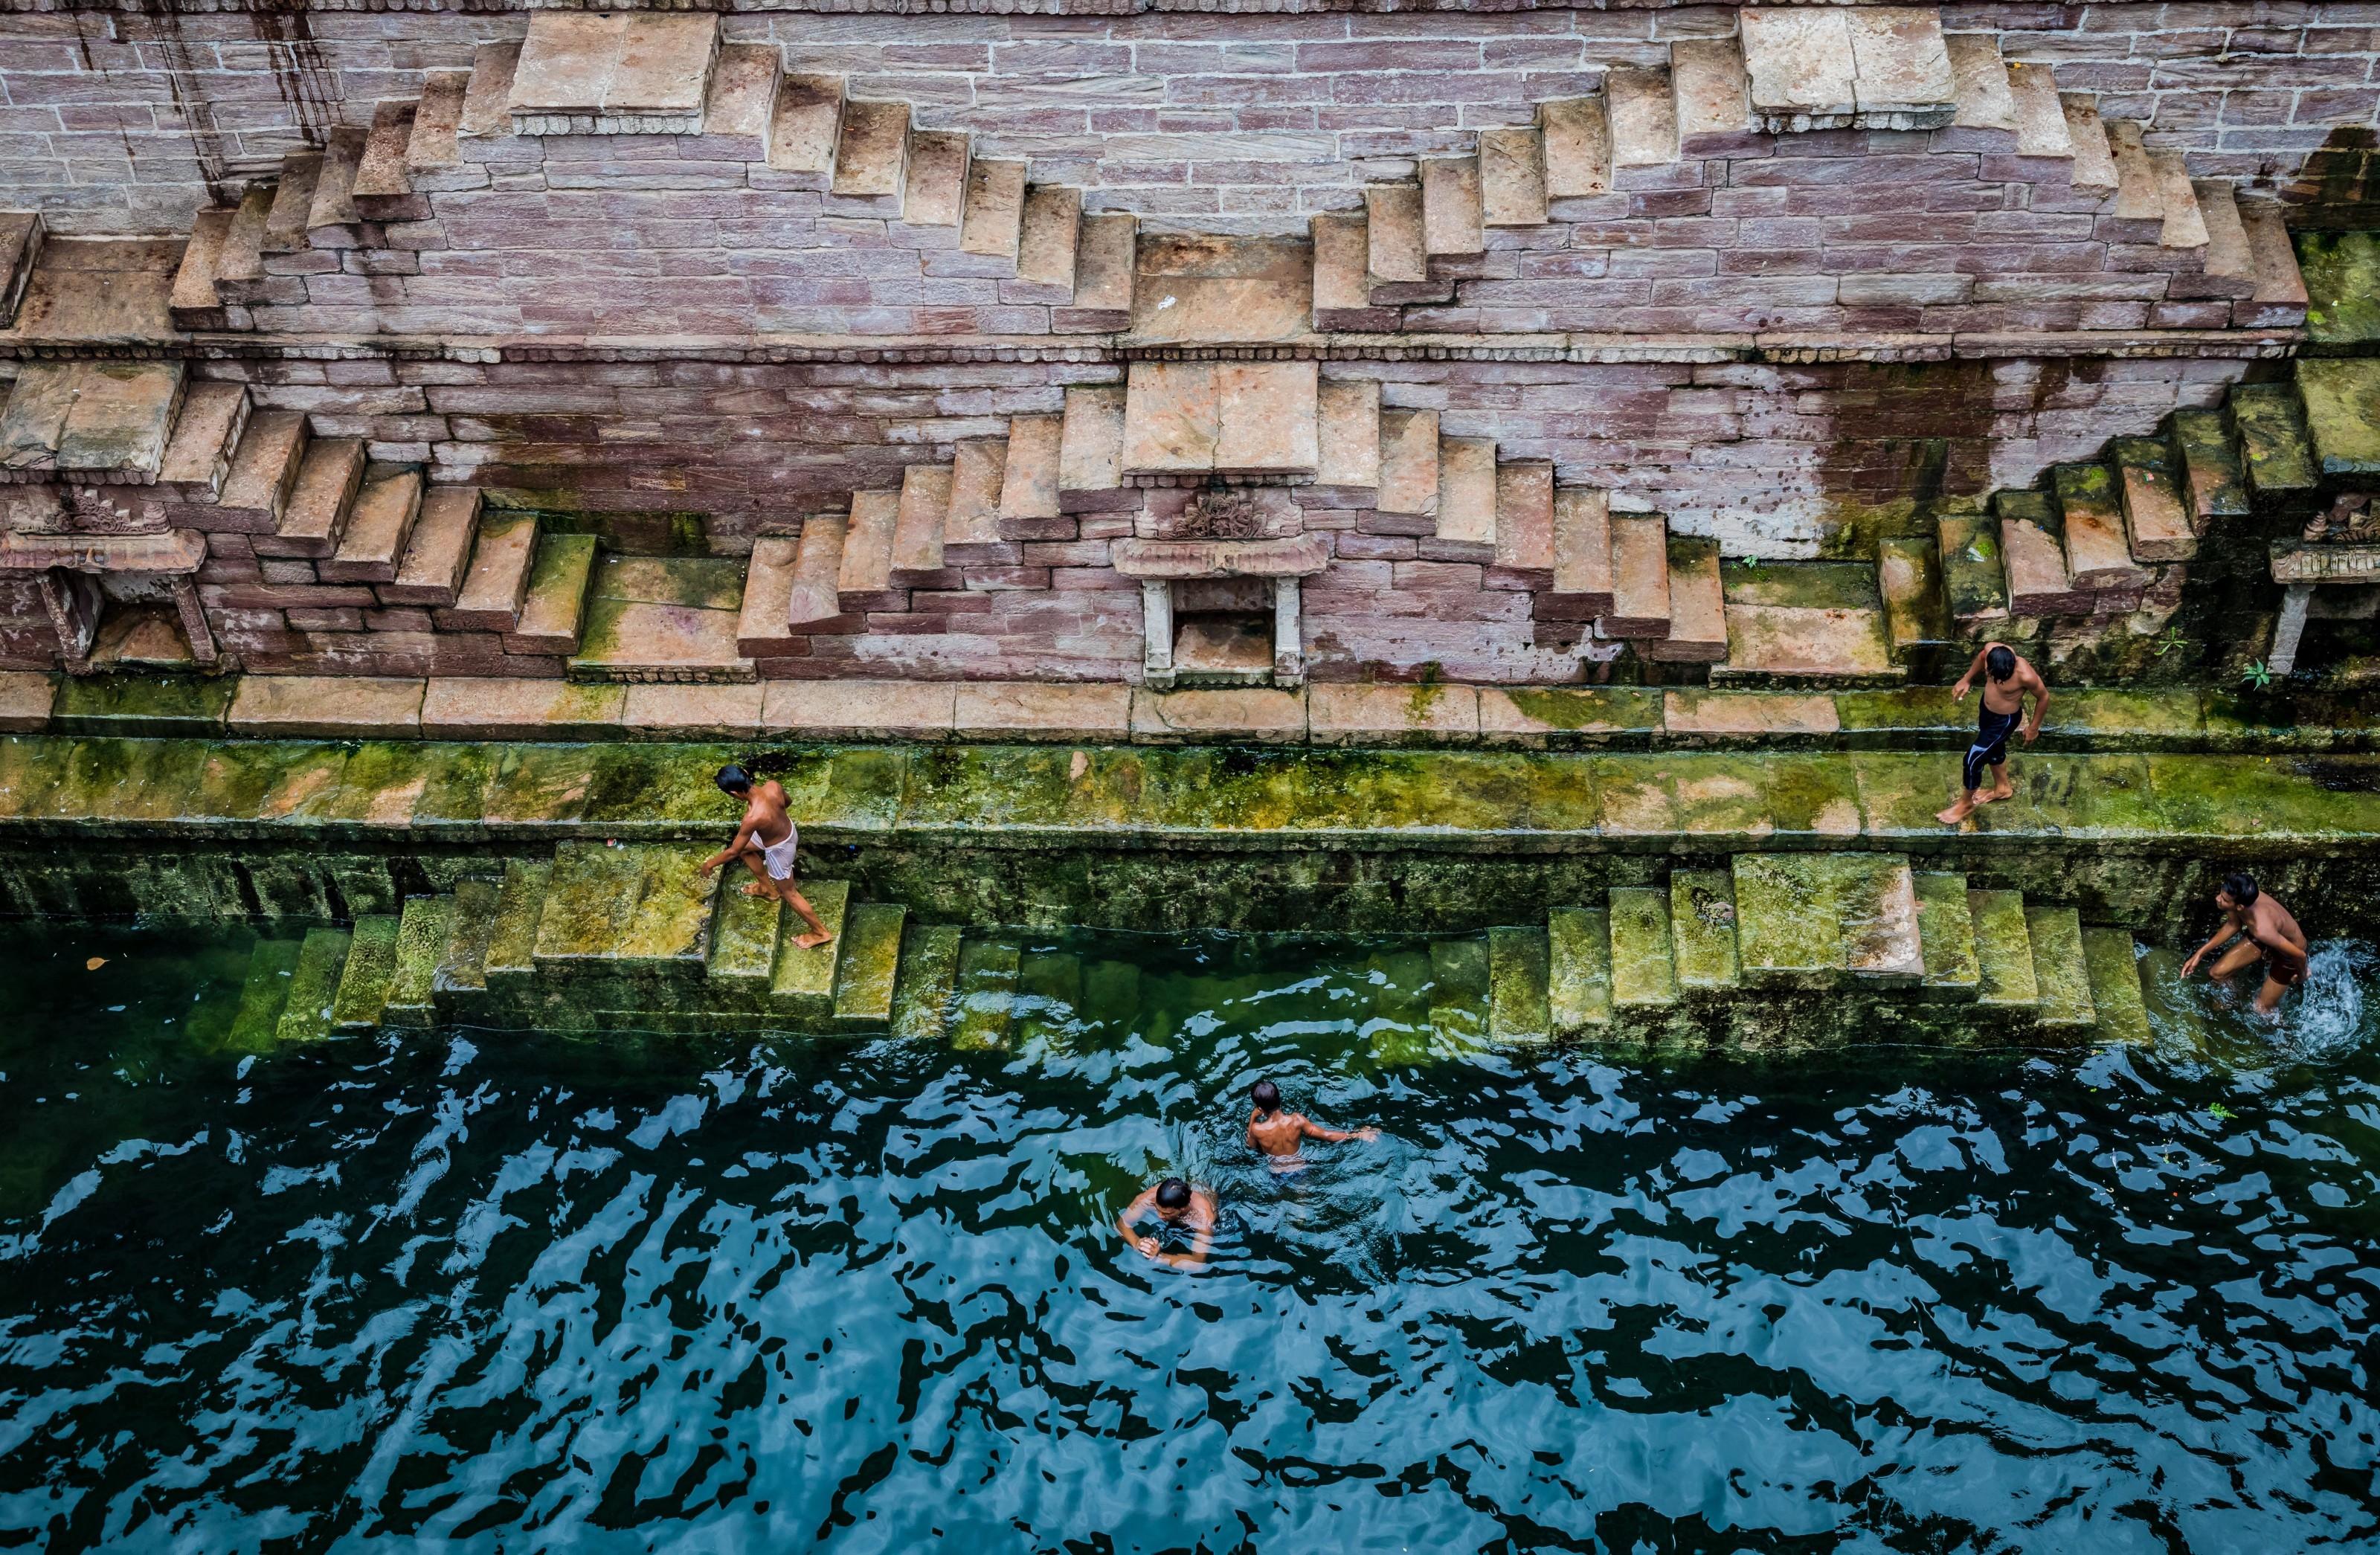 Nadando entre peldaños